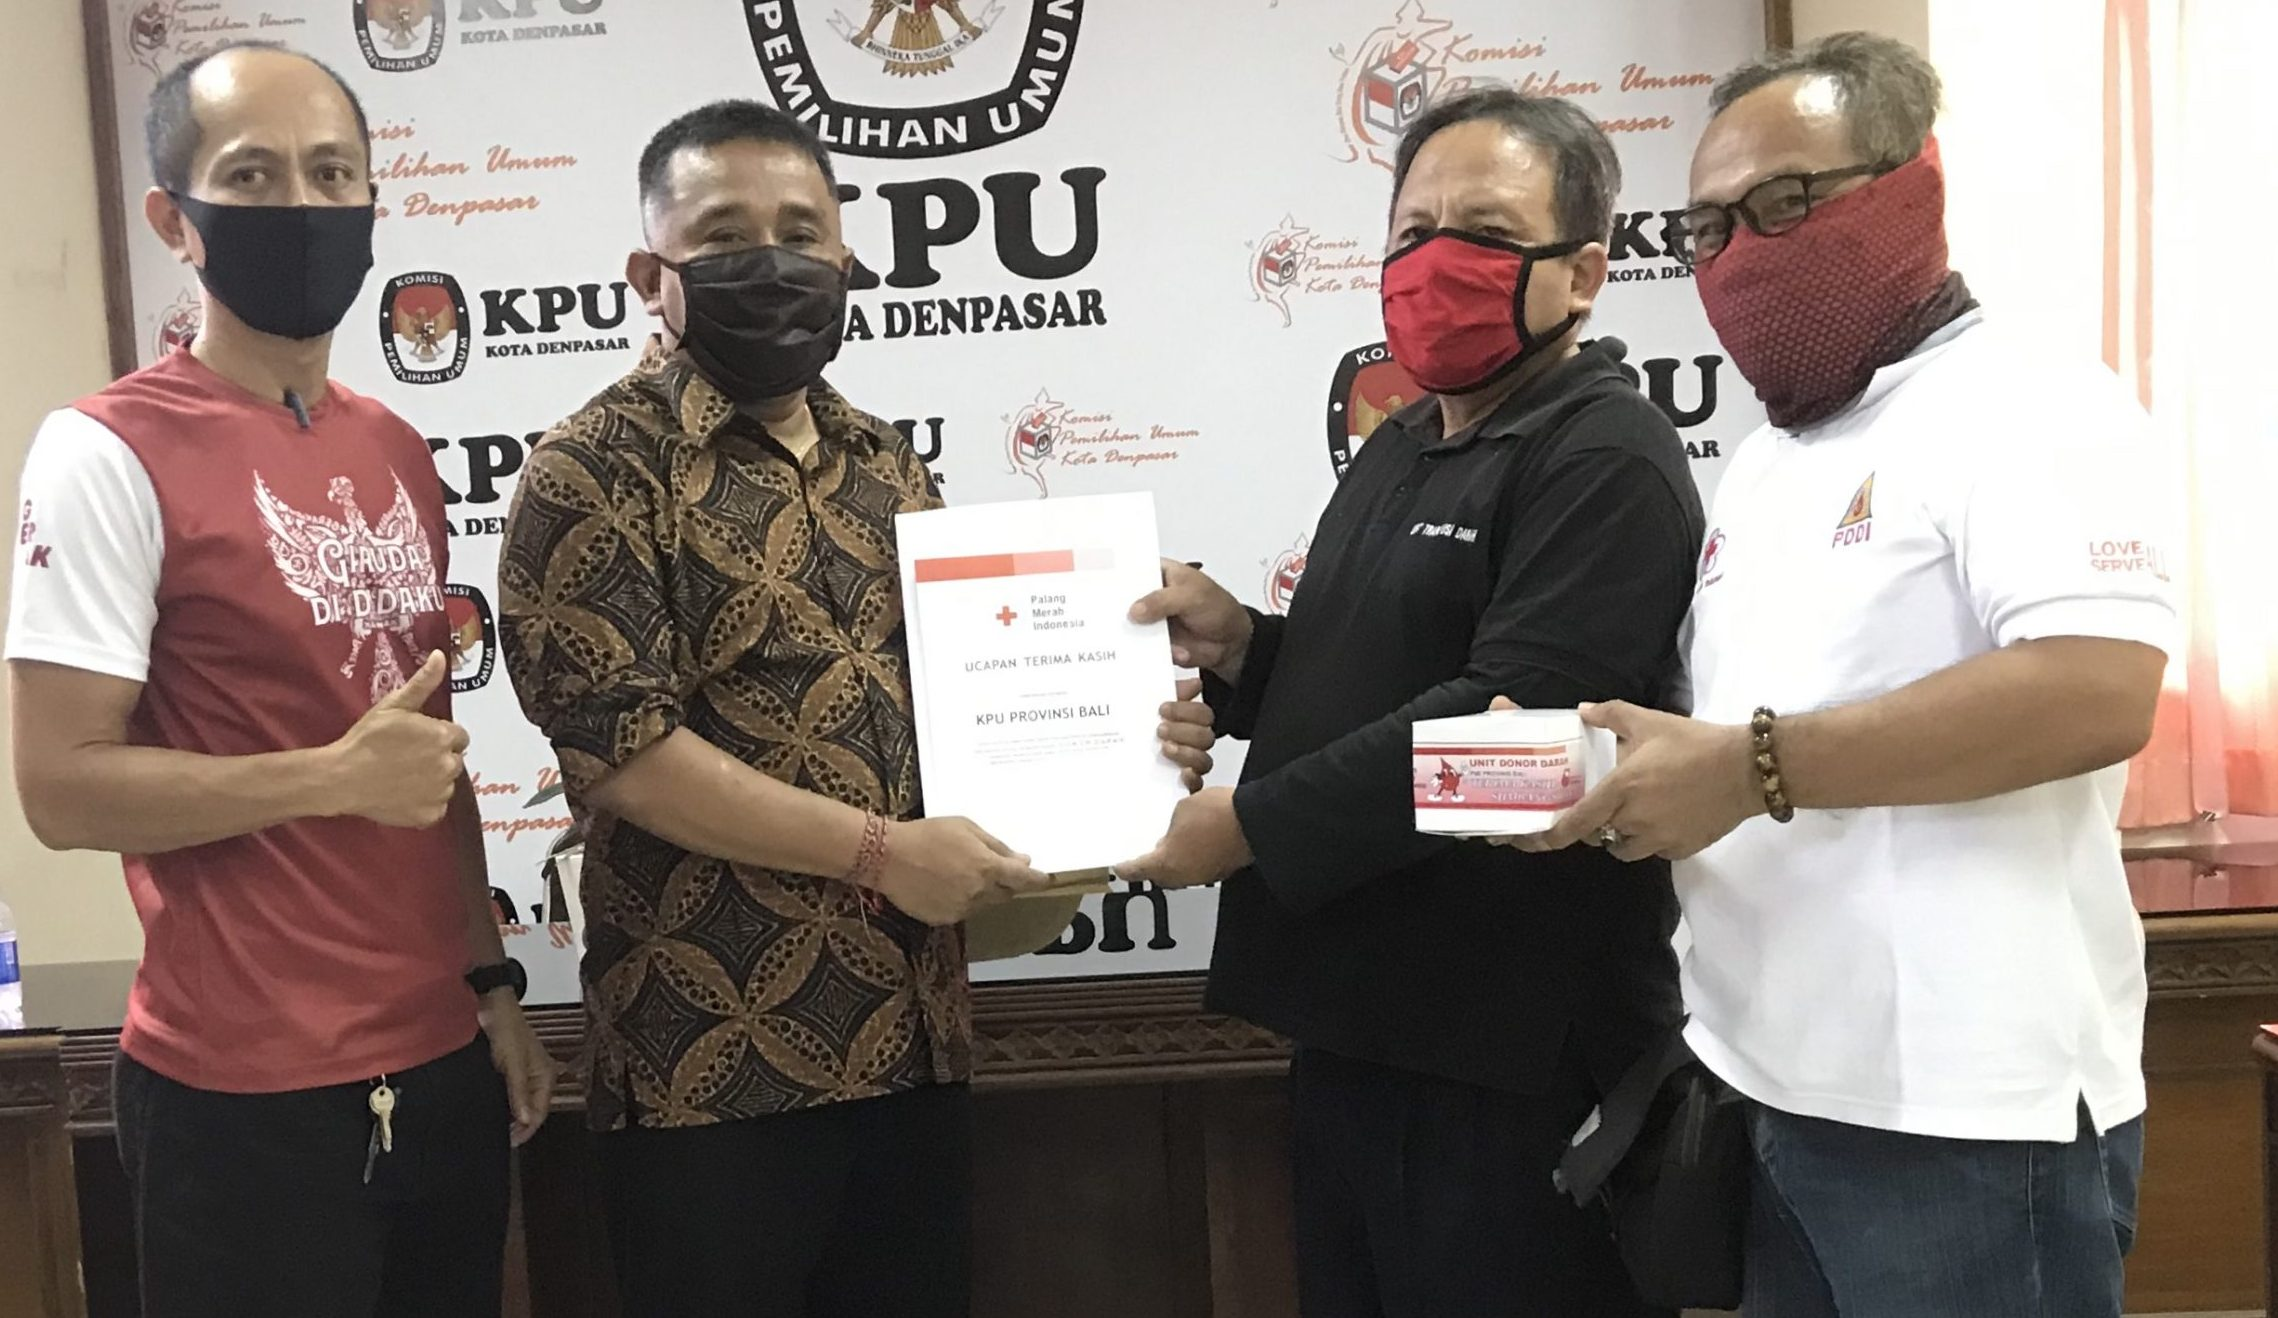 I Dewa Agung Lidartawan (dua kiri) saat menerima penghargaan dari PMI Bali atas kegiatan donor darah di KPU Denpasar, Senin (13/4/2020). Foto : gus hendra